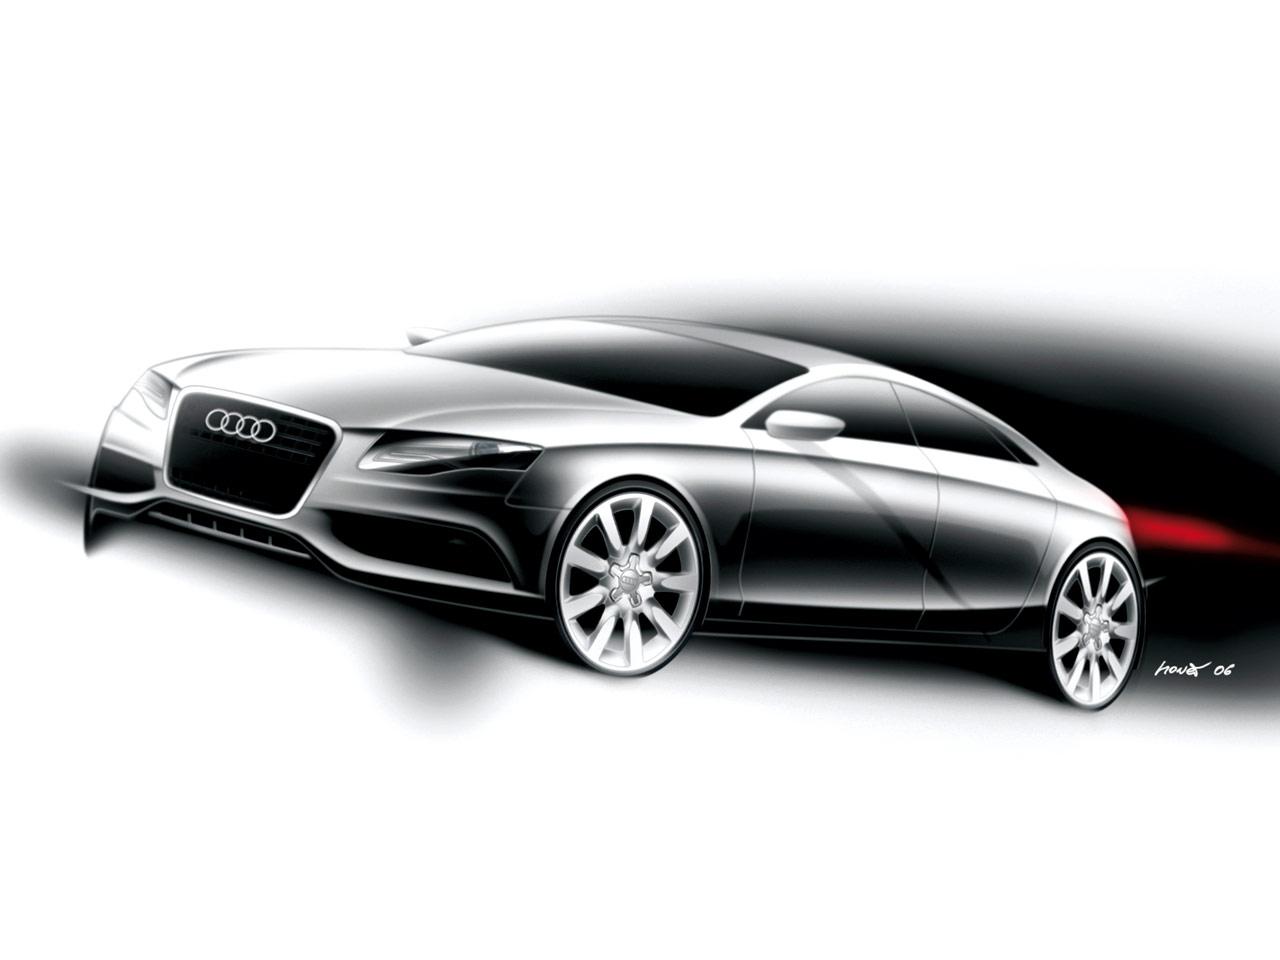 Audi A The Design Car Body Design - Audi car design